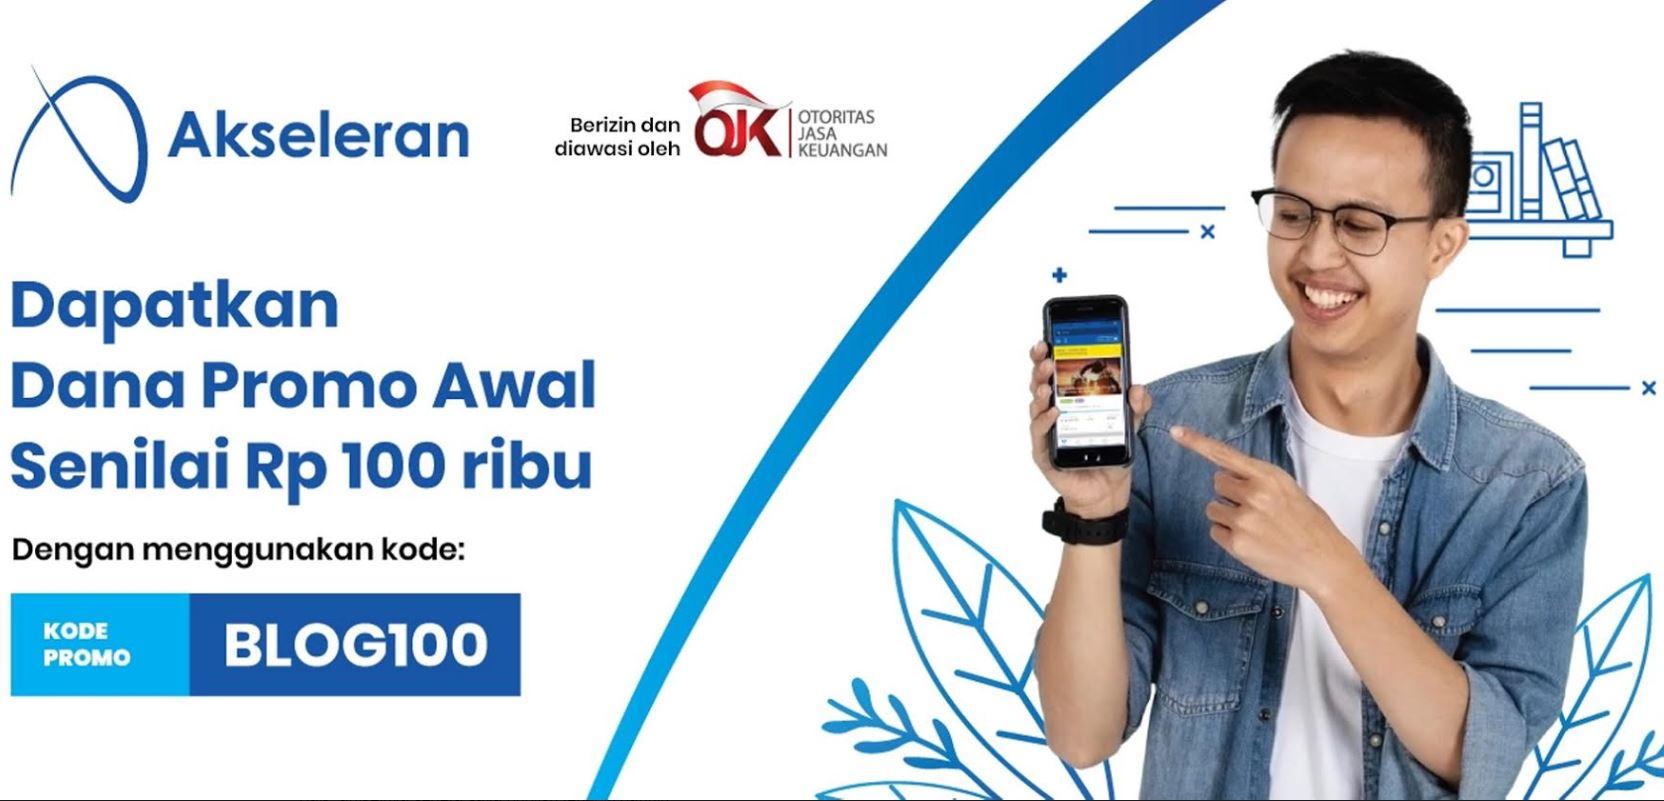 Macam-Macam Fintech di Indonesia yang Wajib Kamu Ketahui 2